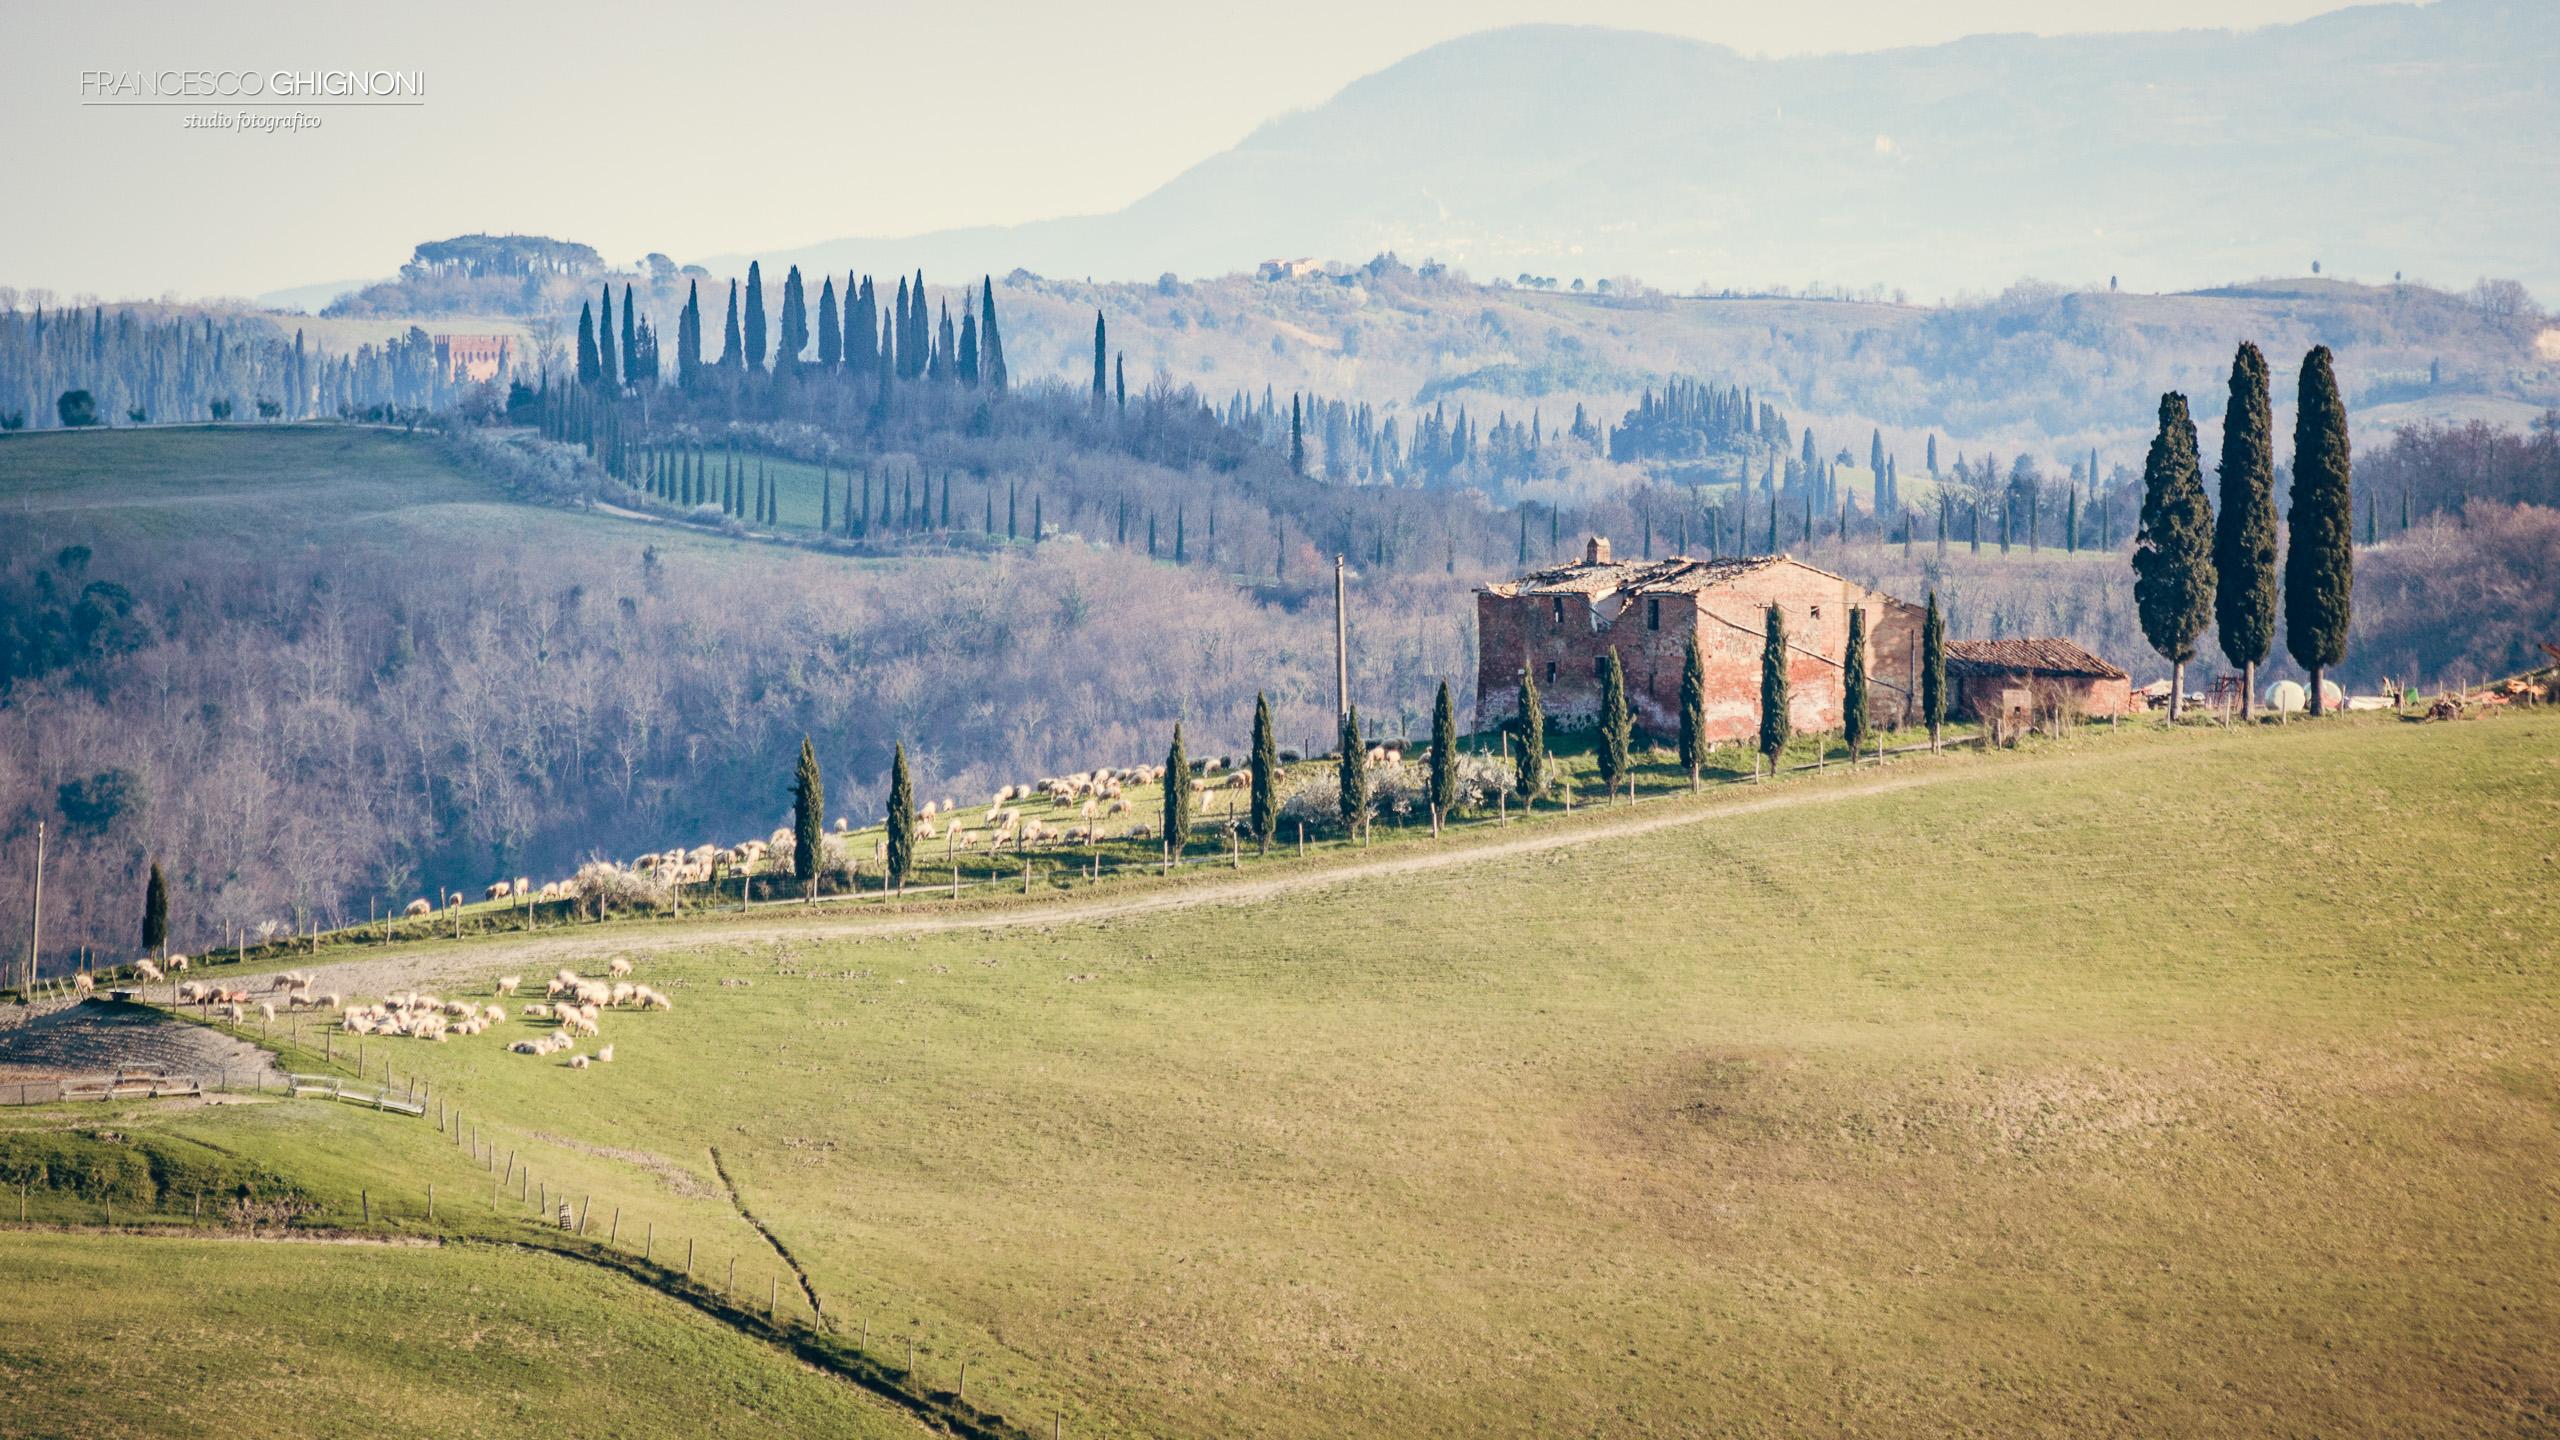 Fotografia Francesco Ghignoni - www.francescoghignoni.it